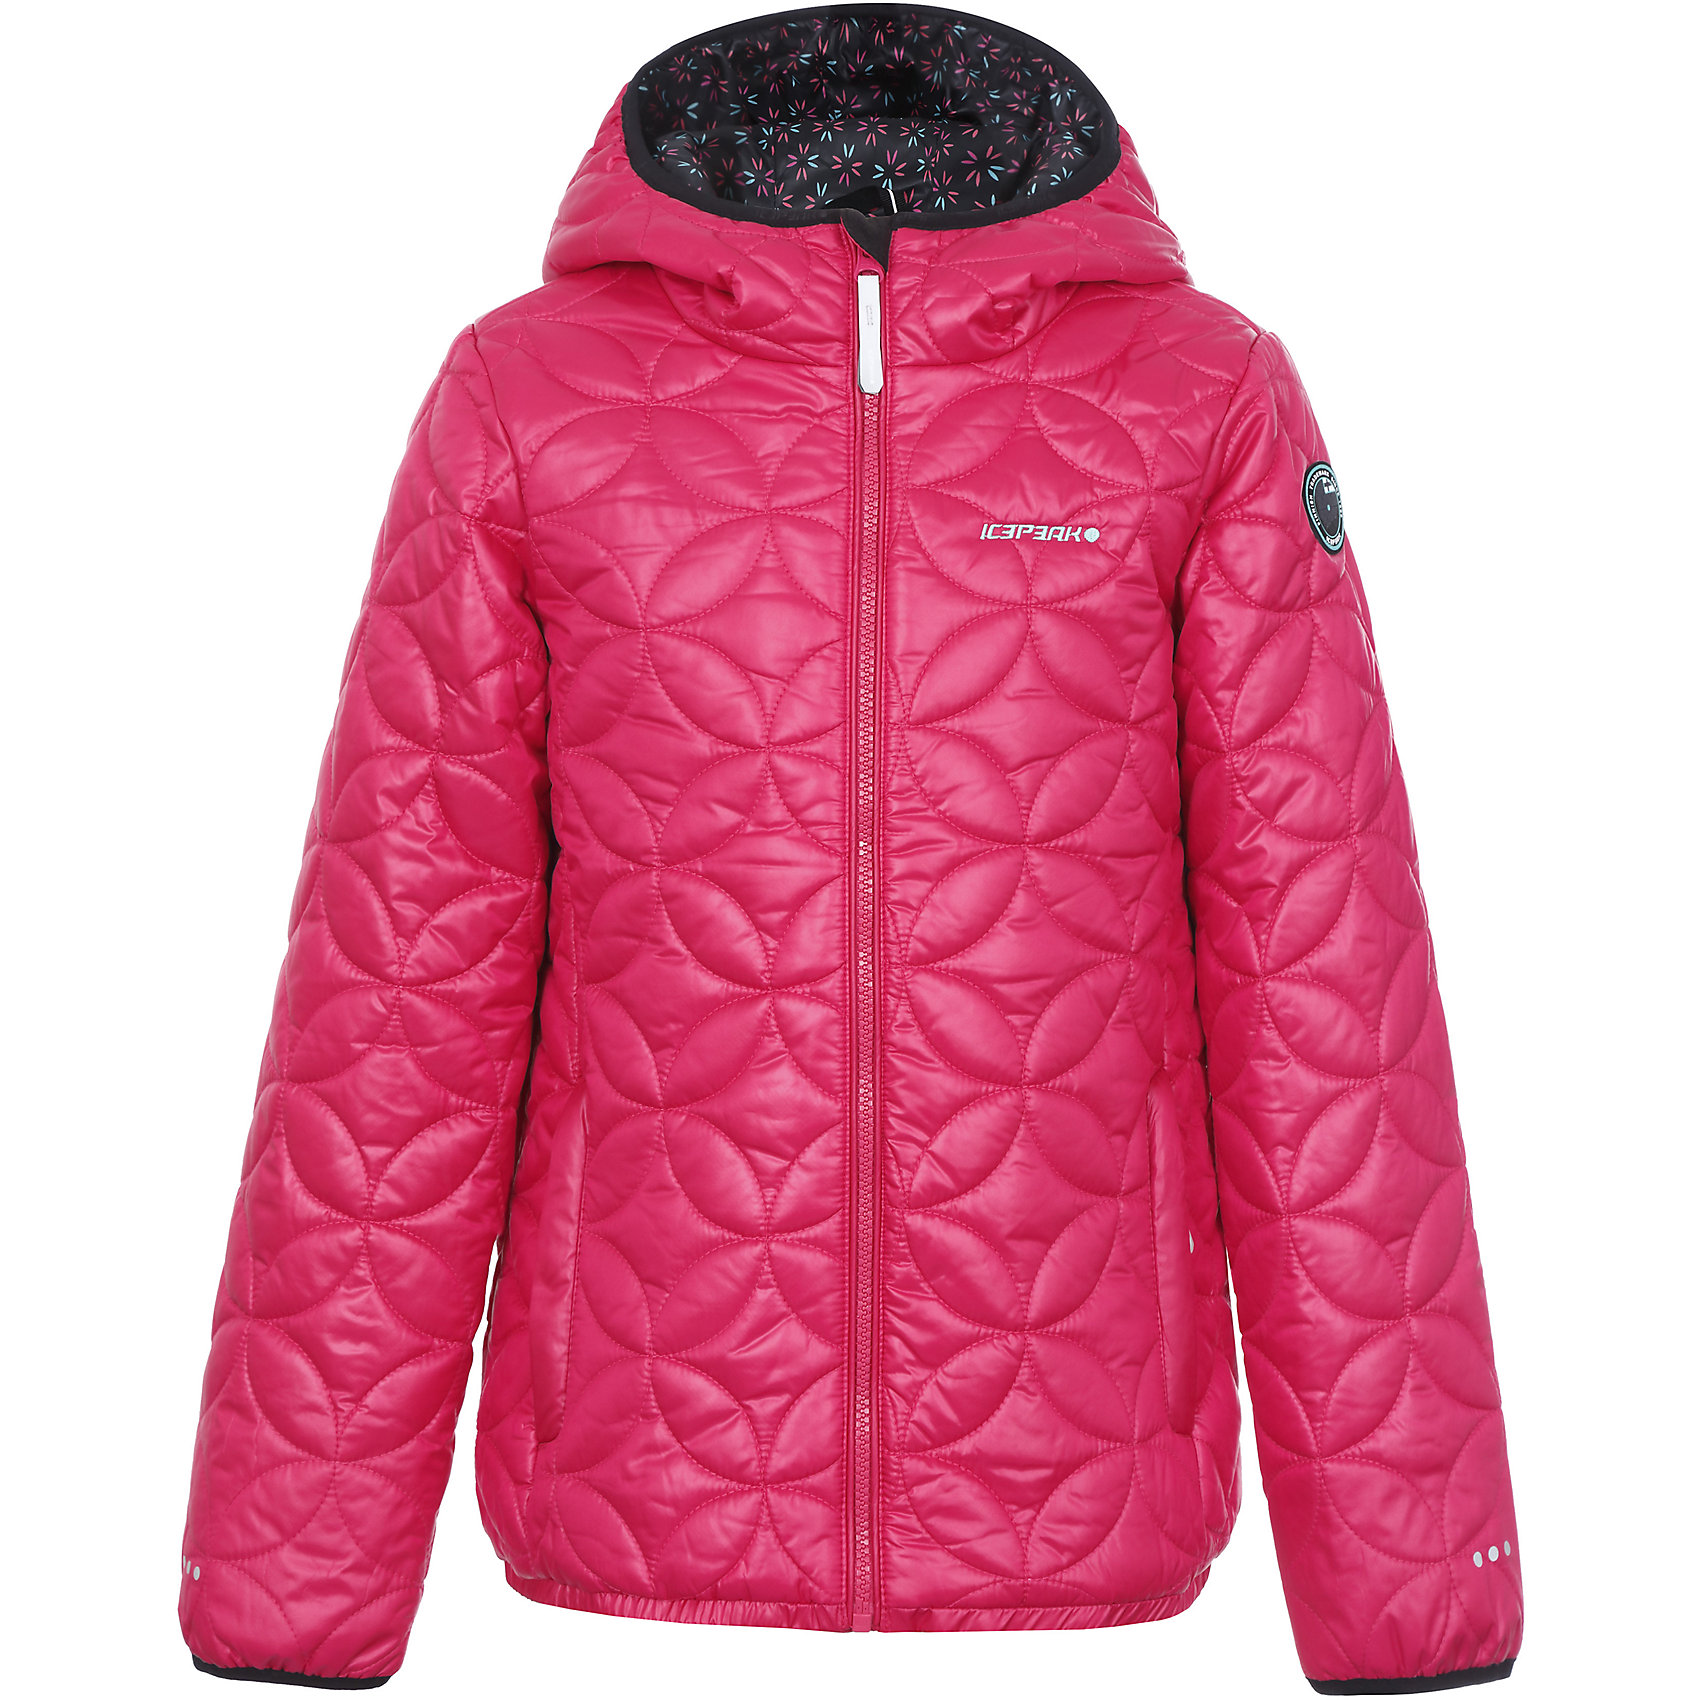 Куртка для девочки ICEPEAKКуртка для девочки ICEPEAK. <br><br>Состав: 100% полиэстер <br><br>Куртка с капюшоном стеганая<br>Эластичная кромка и концы рукава<br>Утепленные боковые карманы на молнии<br>Светоотражающие элементы<br>Утеплитель искусственный пух Finnwad, утепление 200/120 гр.<br>Рекомендуемый температурный режим до -20 °.<br><br>Технологии: <br>Water repellent<br>Ткань, специально обработанная веществами, предназначенными для защиты материалов от воздействия влаги и для придания ей водоотталкивающих свойств. <br>Super soft touch<br>Новаторство и совершенство технологии. Структура утеплителя Super Soft Touch состоит из множества сверхтонких волокон, благодаря которым изделия  не теряют своих термоизоляционных свойств, несмотря на кажущуюся невесомость. Большое преимущество в том, что такие изделия имеют компактный размер в сложенном состоянии.<br>Children's safety<br>Изделия бренда произведены в полном соответствии с требованиями безопасности для детей: отстегивающийся капюшон, безопасная утягивающаяся тесьма в кармашках, светоотражатели.<br>Reflectors<br>Эффективные светоотражатели позволят чувствовать себя в безопасности в любых погодных условиях, особенно в темное время суток.<br><br>Ширина мм: 356<br>Глубина мм: 10<br>Высота мм: 245<br>Вес г: 519<br>Цвет: красный<br>Возраст от месяцев: 84<br>Возраст до месяцев: 96<br>Пол: Женский<br>Возраст: Детский<br>Размер: 128,140,176,164,152<br>SKU: 4220512